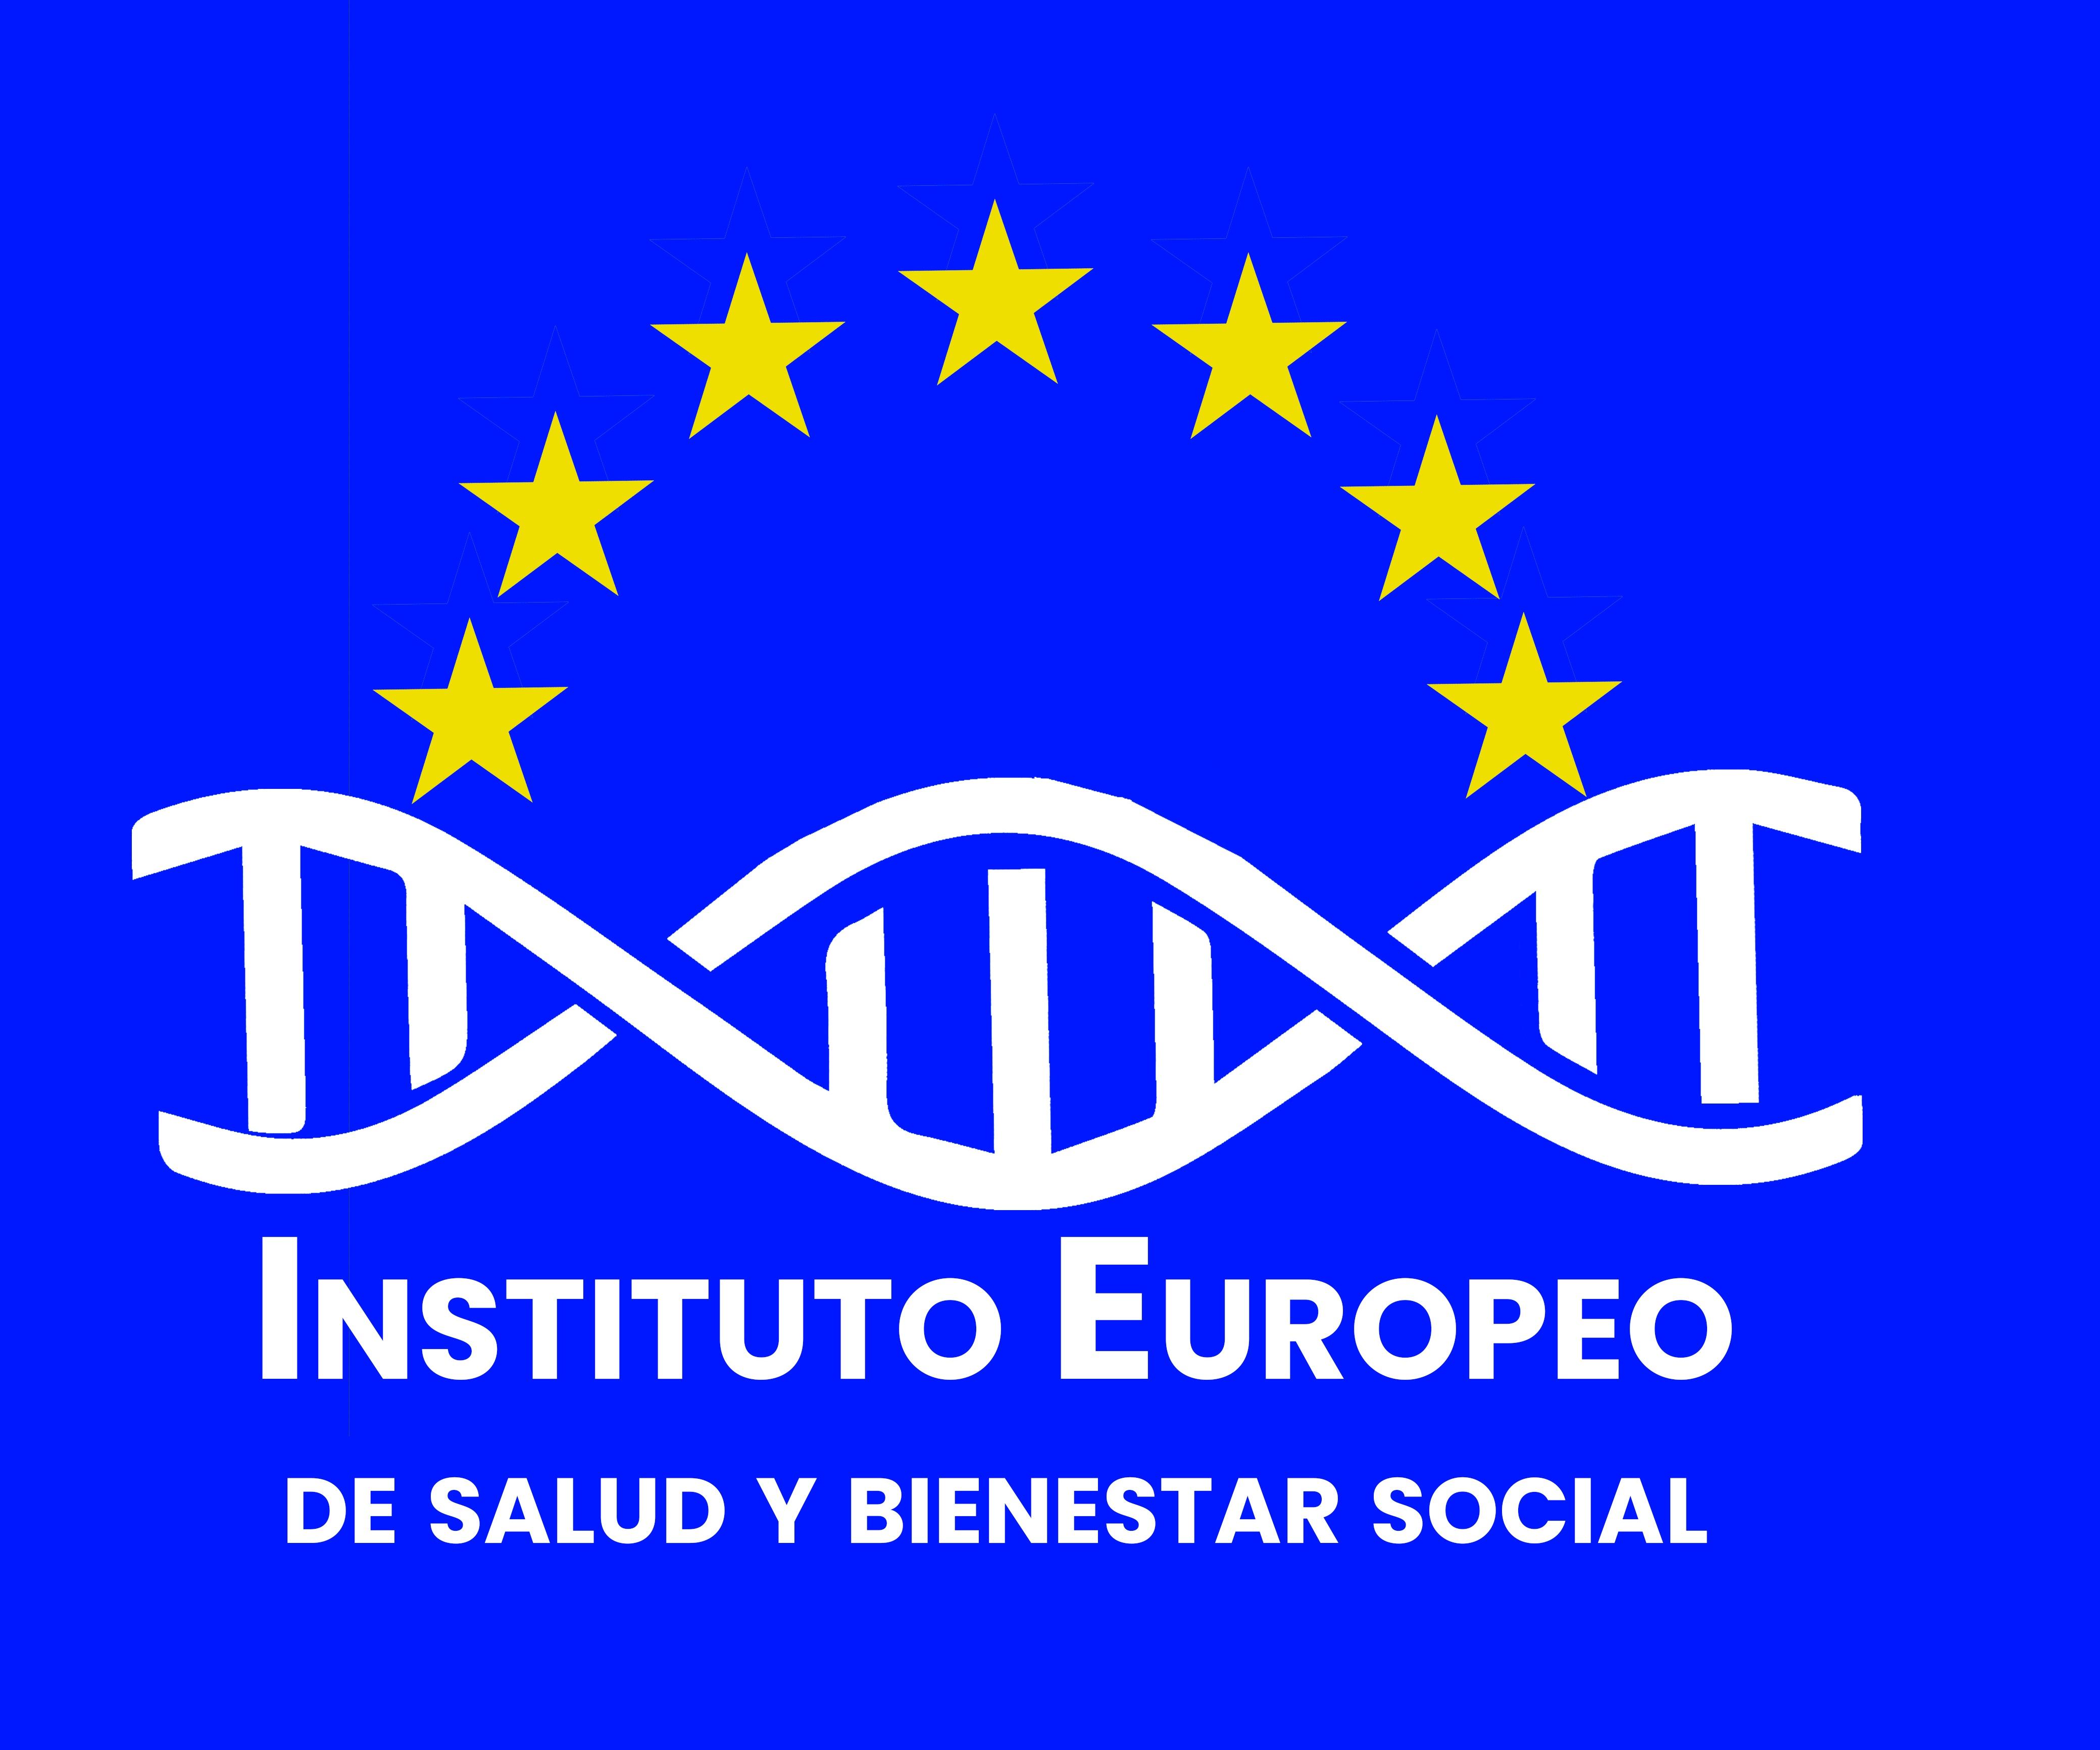 Cursos y Masters de INSTITUTO EUROPEO